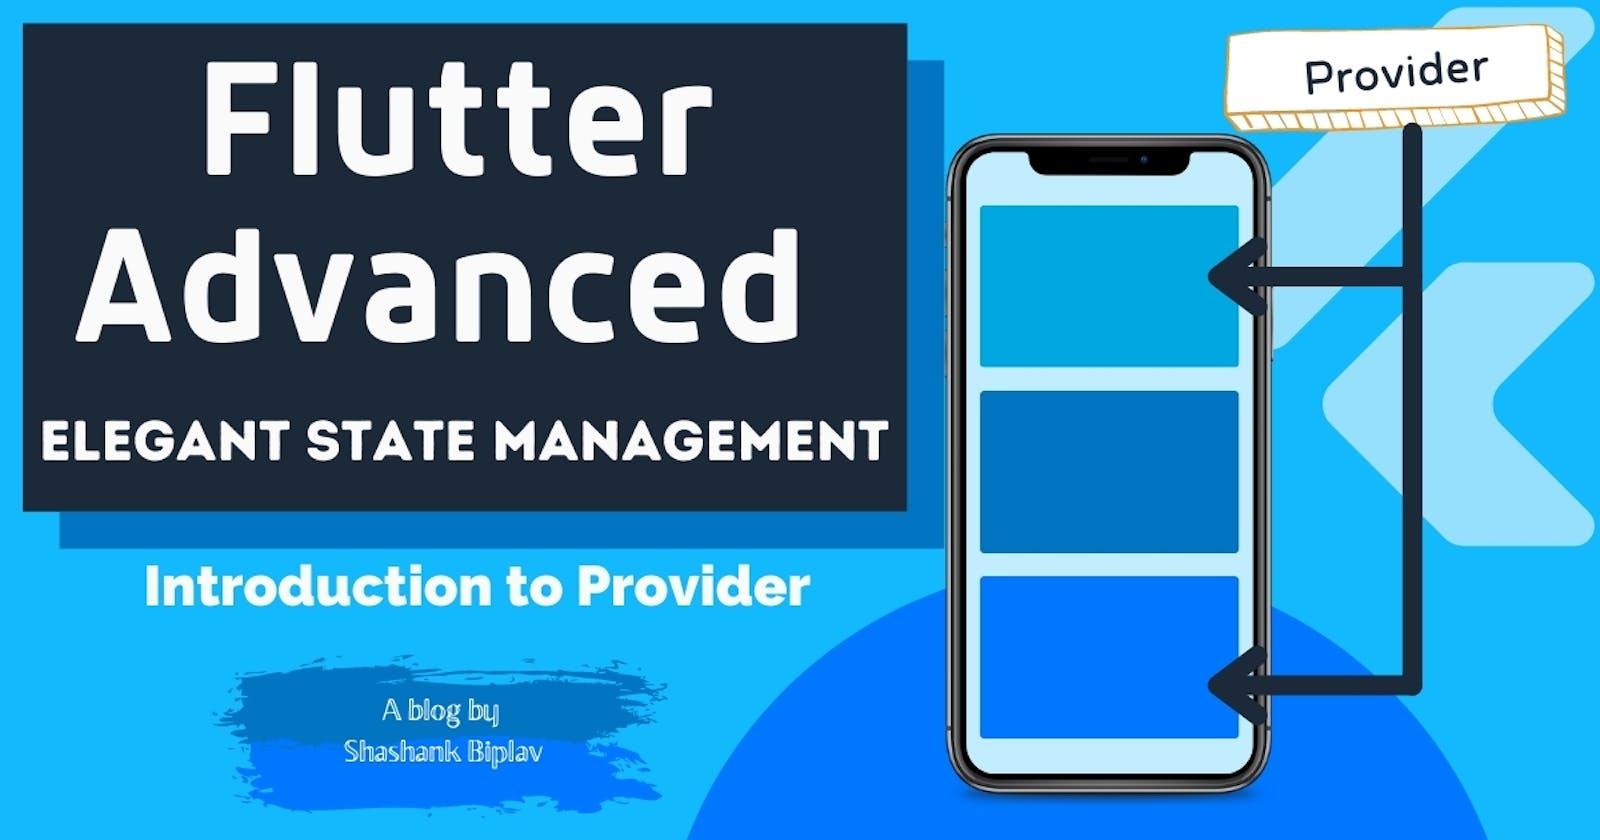 Flutter Advanced - Elegant State Management | Introduction to Provider